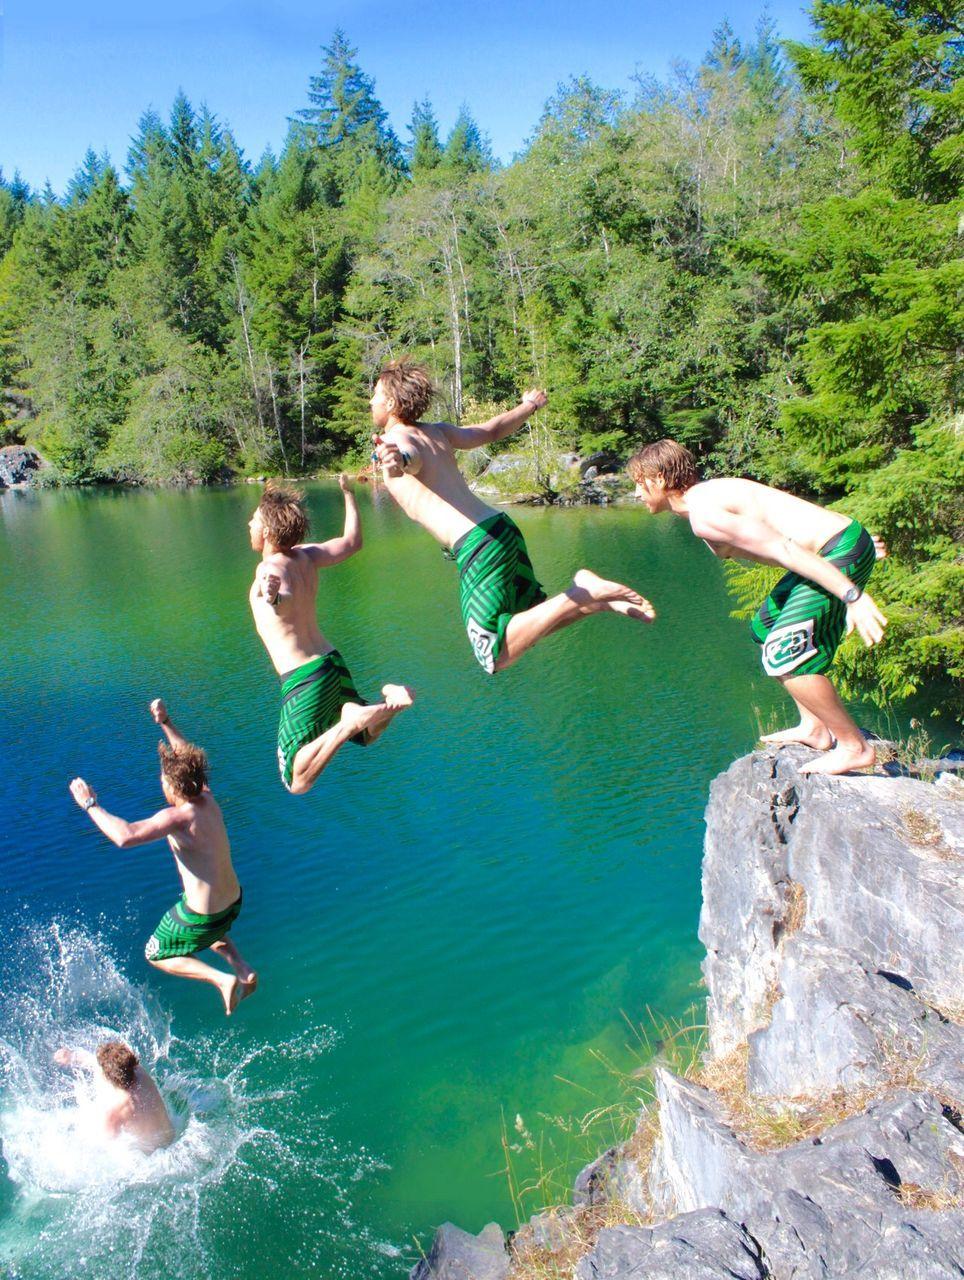 Multiple Image Of Shirtless Man Jumping In Lake